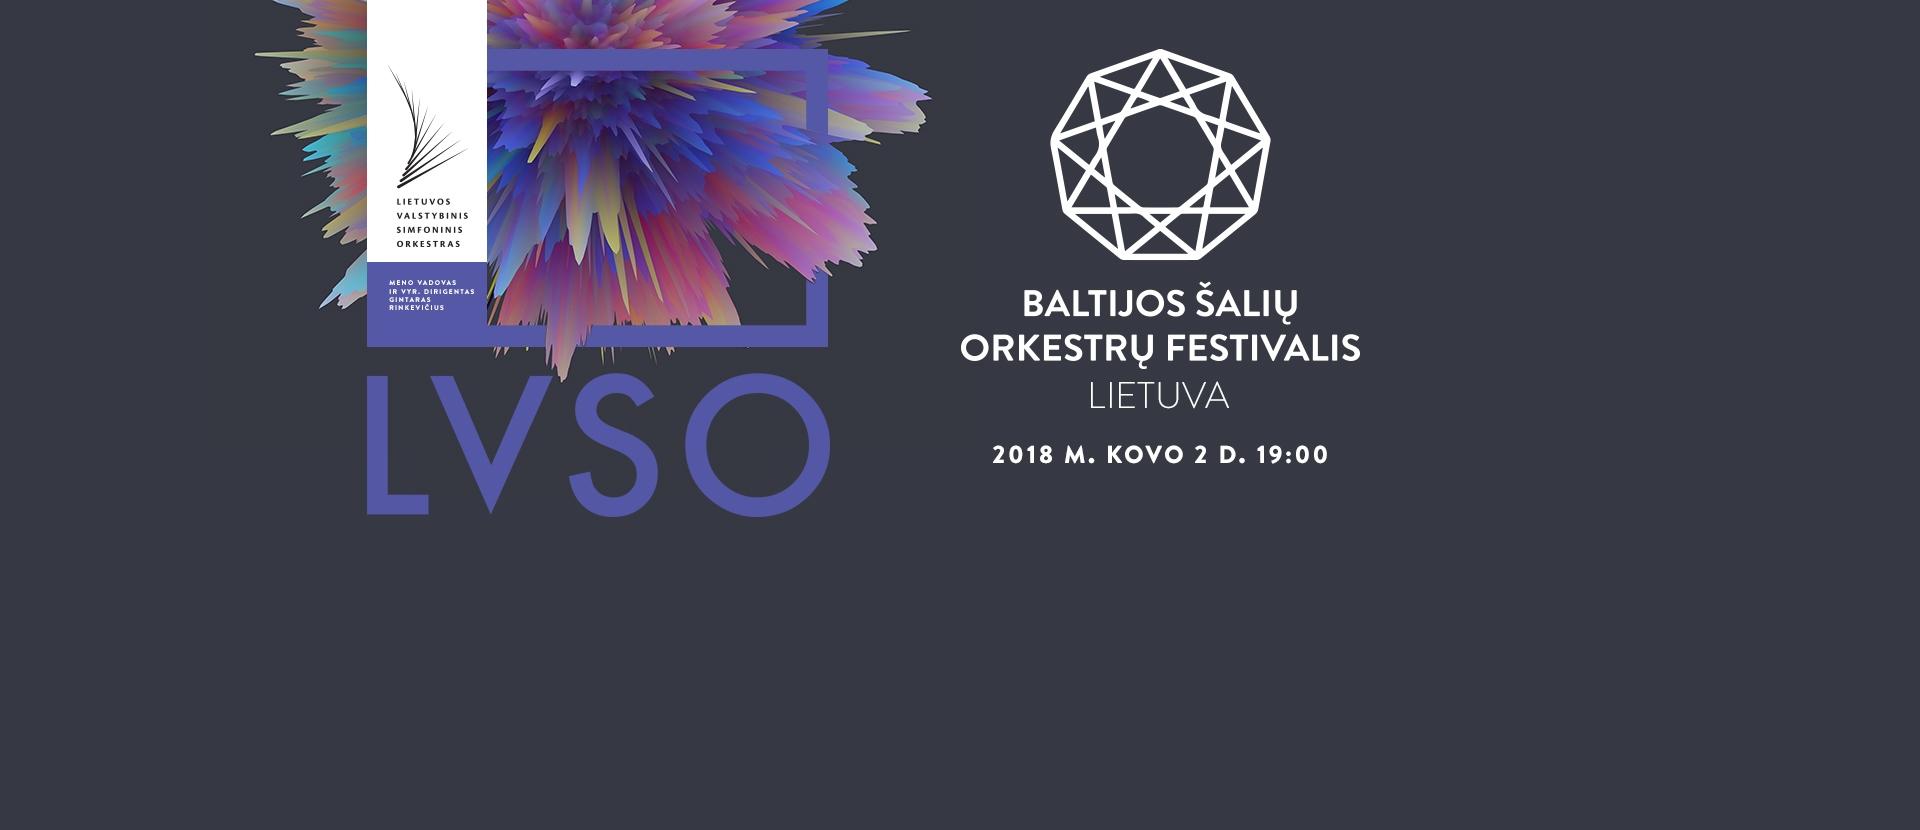 BALTIJOS ŠALIŲ ORKESTRŲ FESTIVALIS. LIETUVA